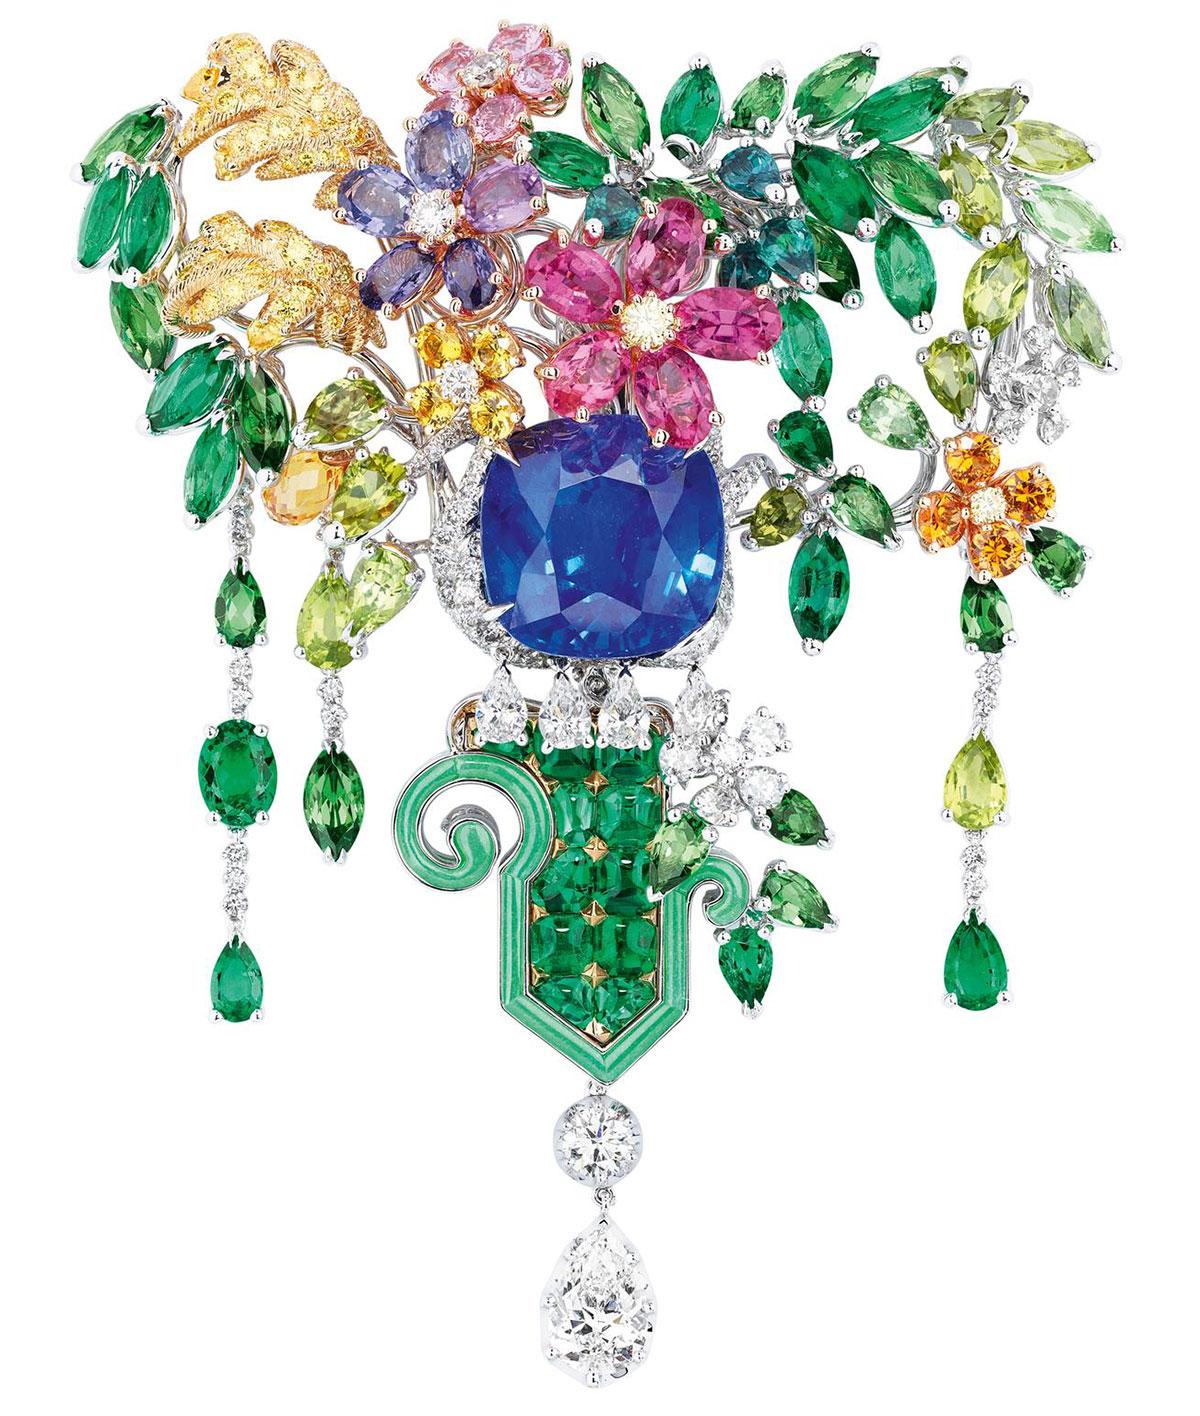 Sapphire, viên đá quý bảo mệnh của tháng 9, không chỉ có màu xanh